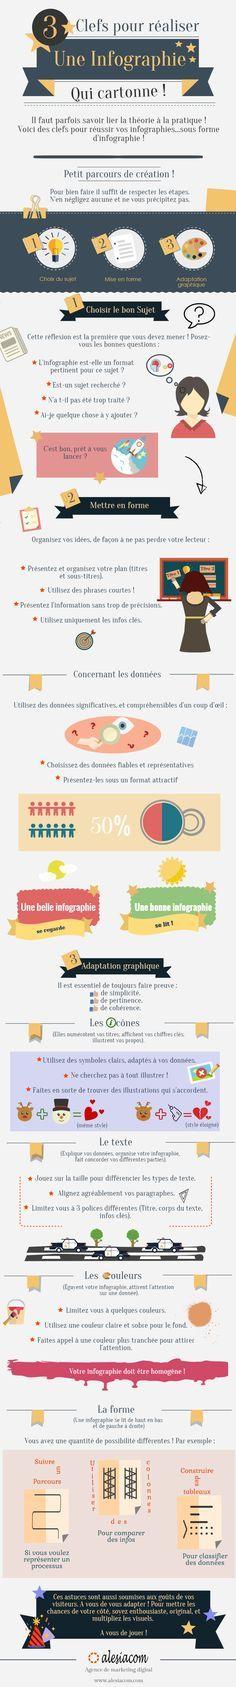 [Infographie] : 3 étapes pour réaliser une infographie au top